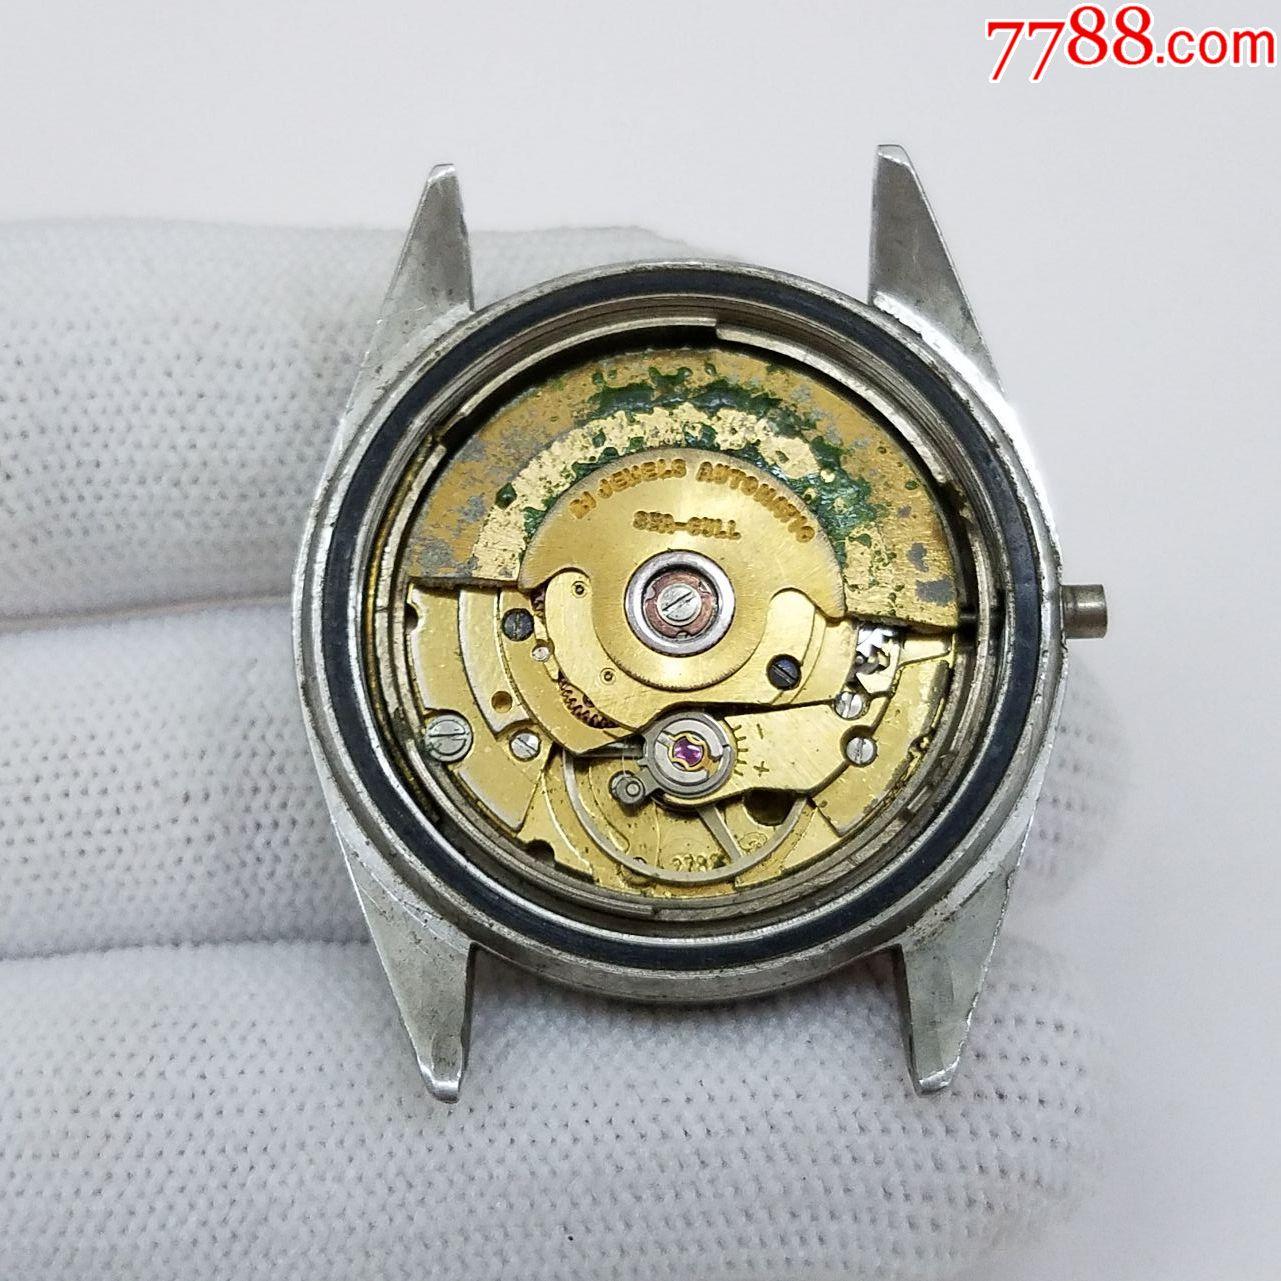 国产手表什么牌子好_海鸥2836机芯能用几年真的好吗价格